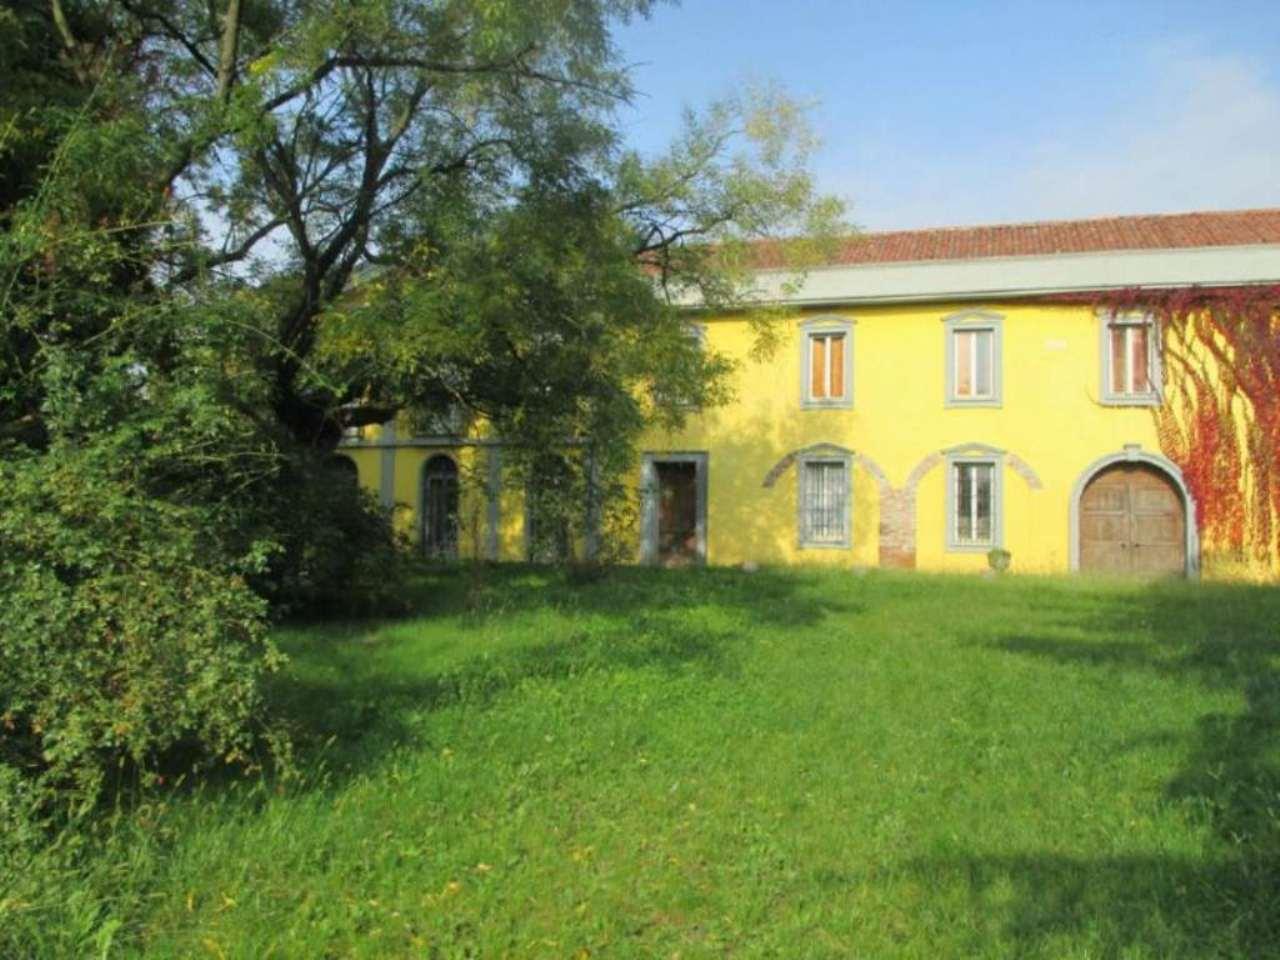 Rustico / Casale in vendita a Carpiano, 6 locali, prezzo € 398.000 | Cambio Casa.it